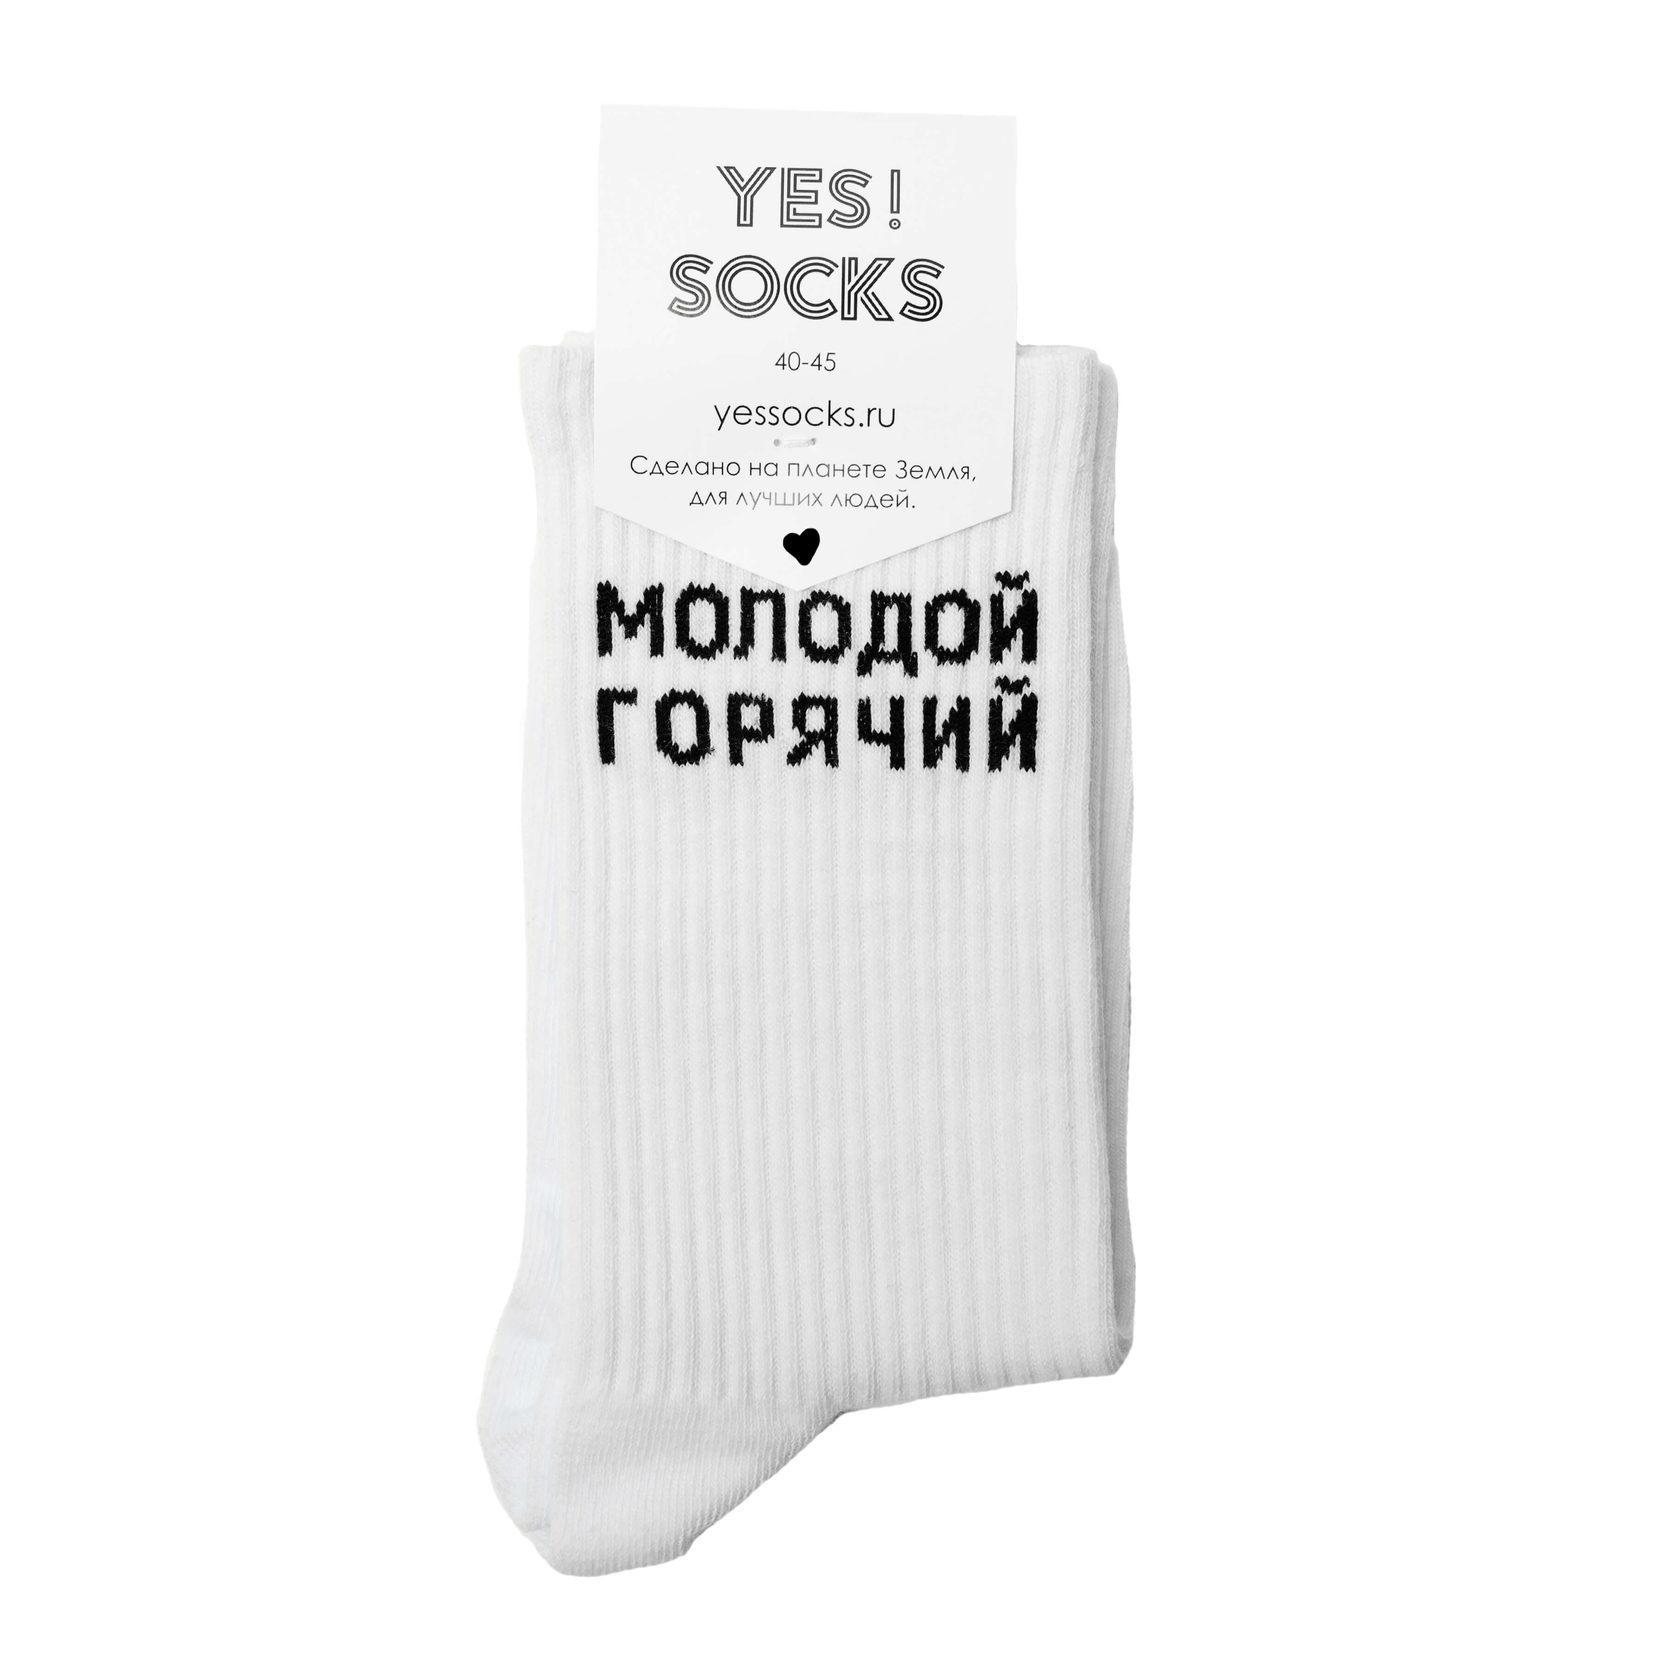 Носки YES!SOCKS Молодой Горячий